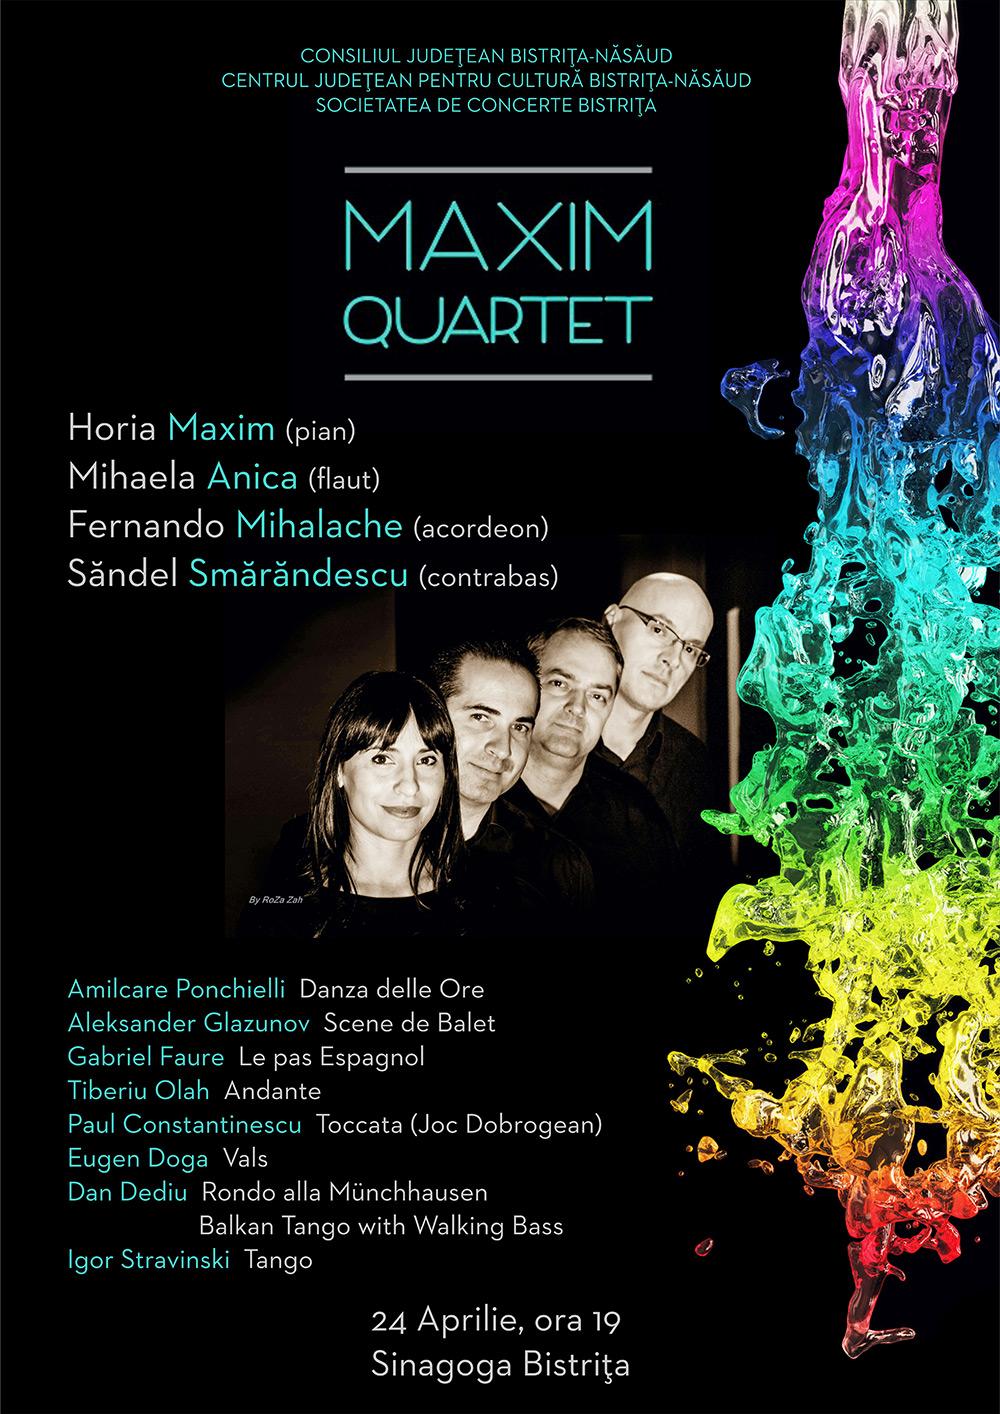 maxim-quartet